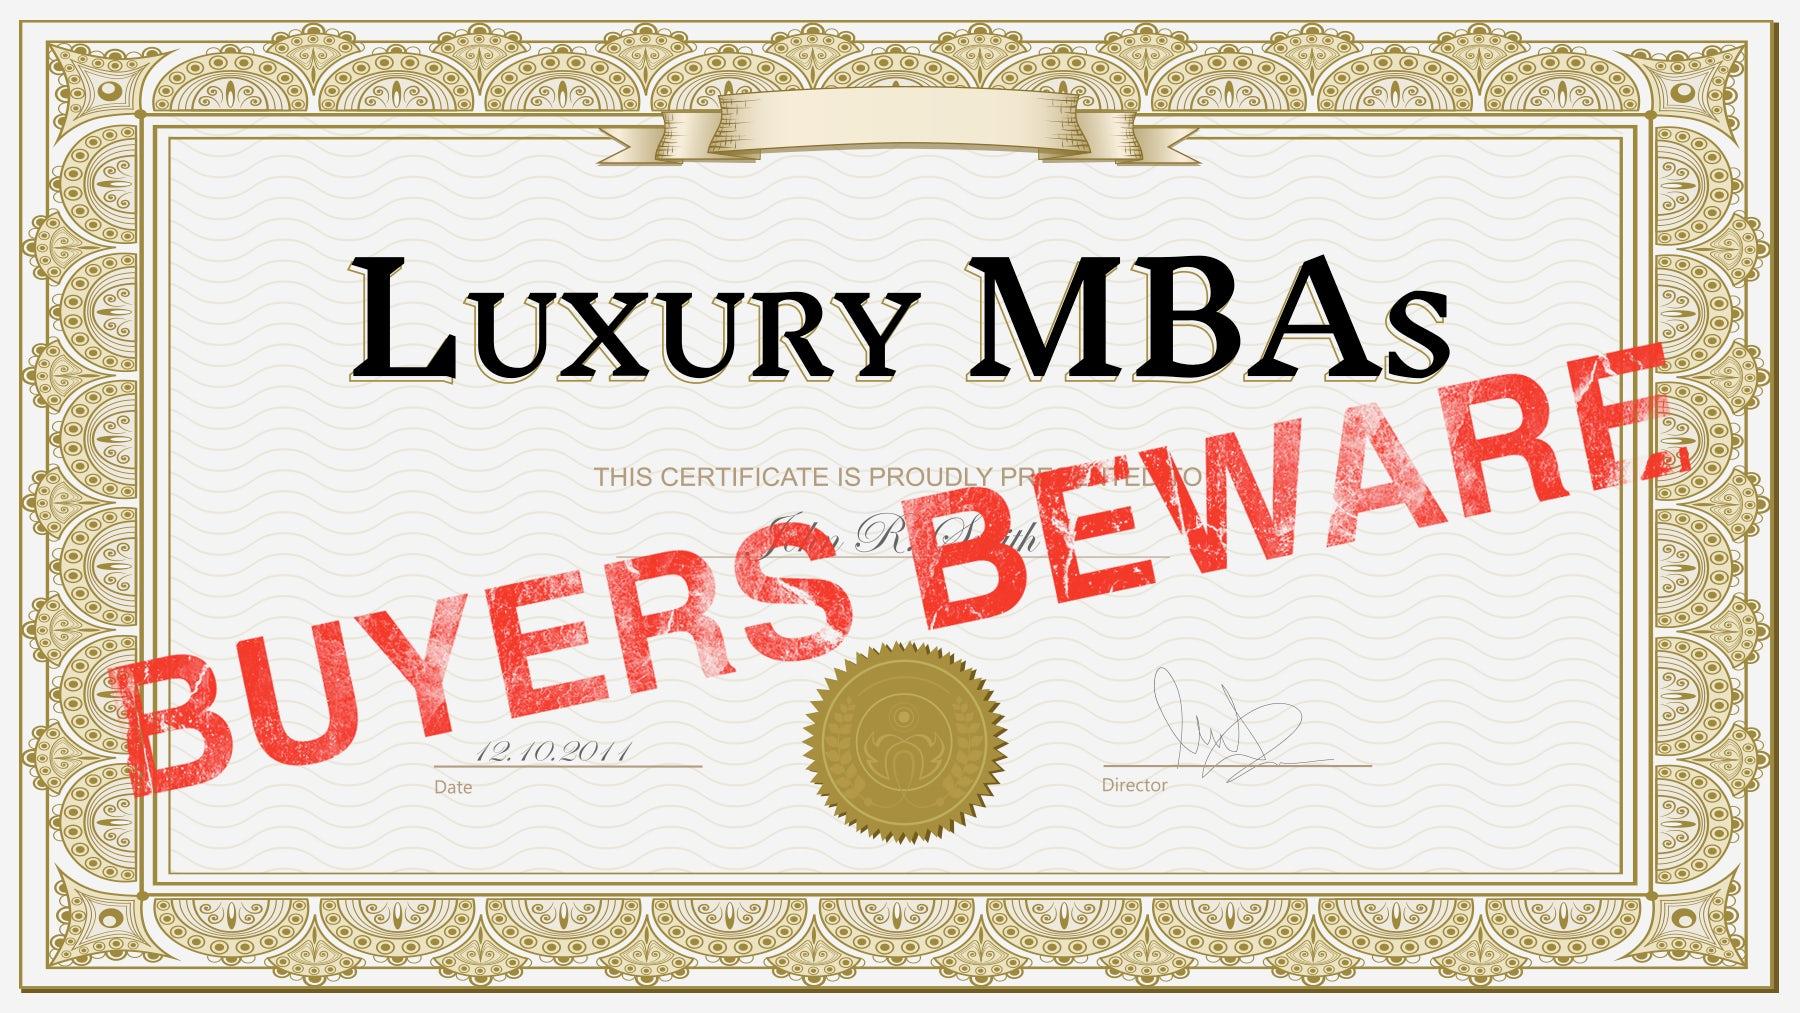 Luxury MBAs, Buyers Beware